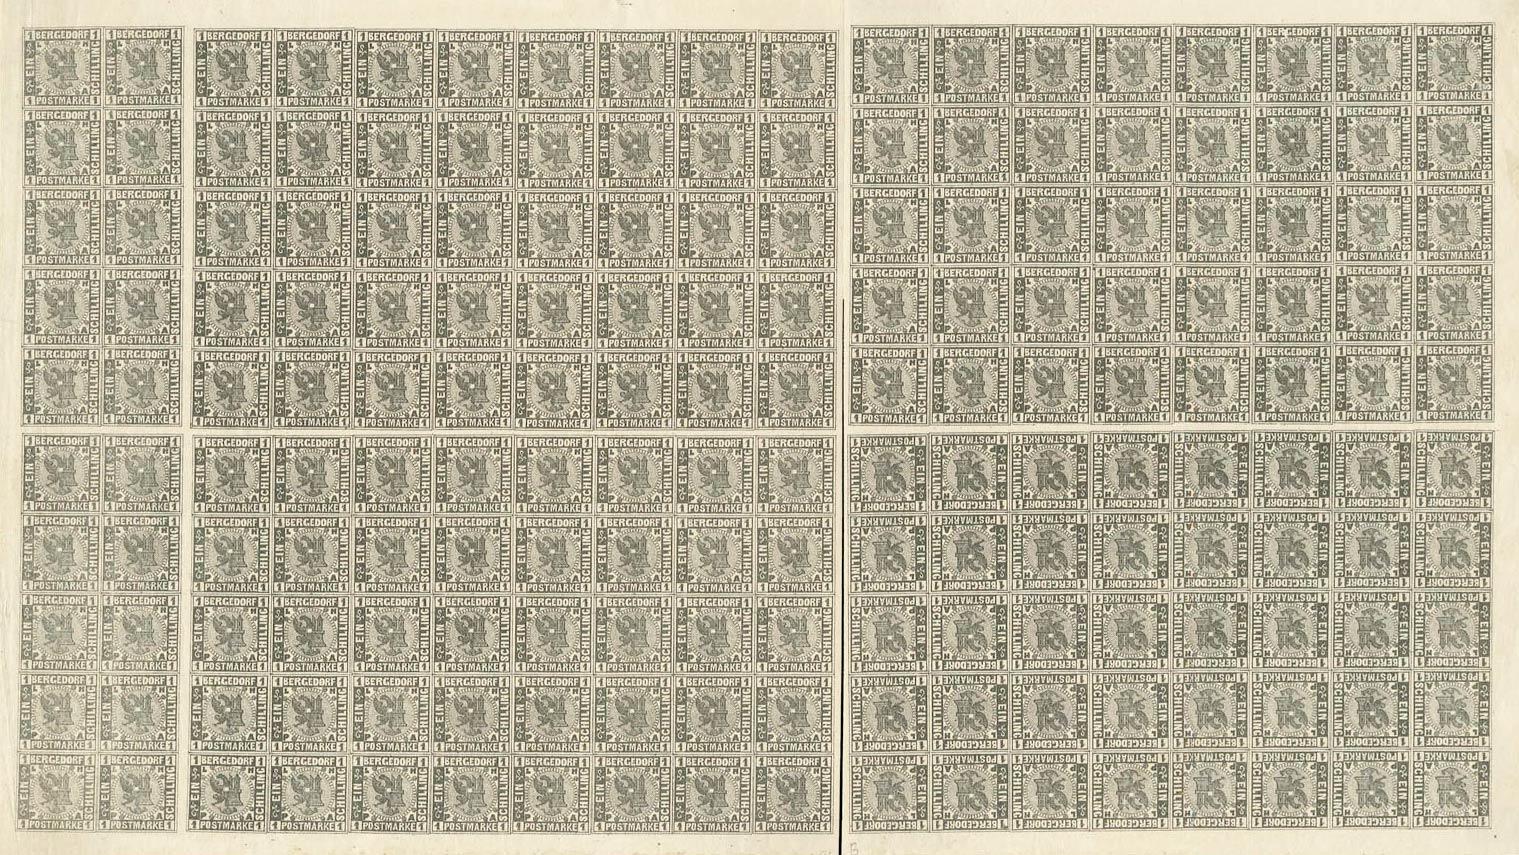 Bergedorf_1861_1sch_Sheet_Genuine